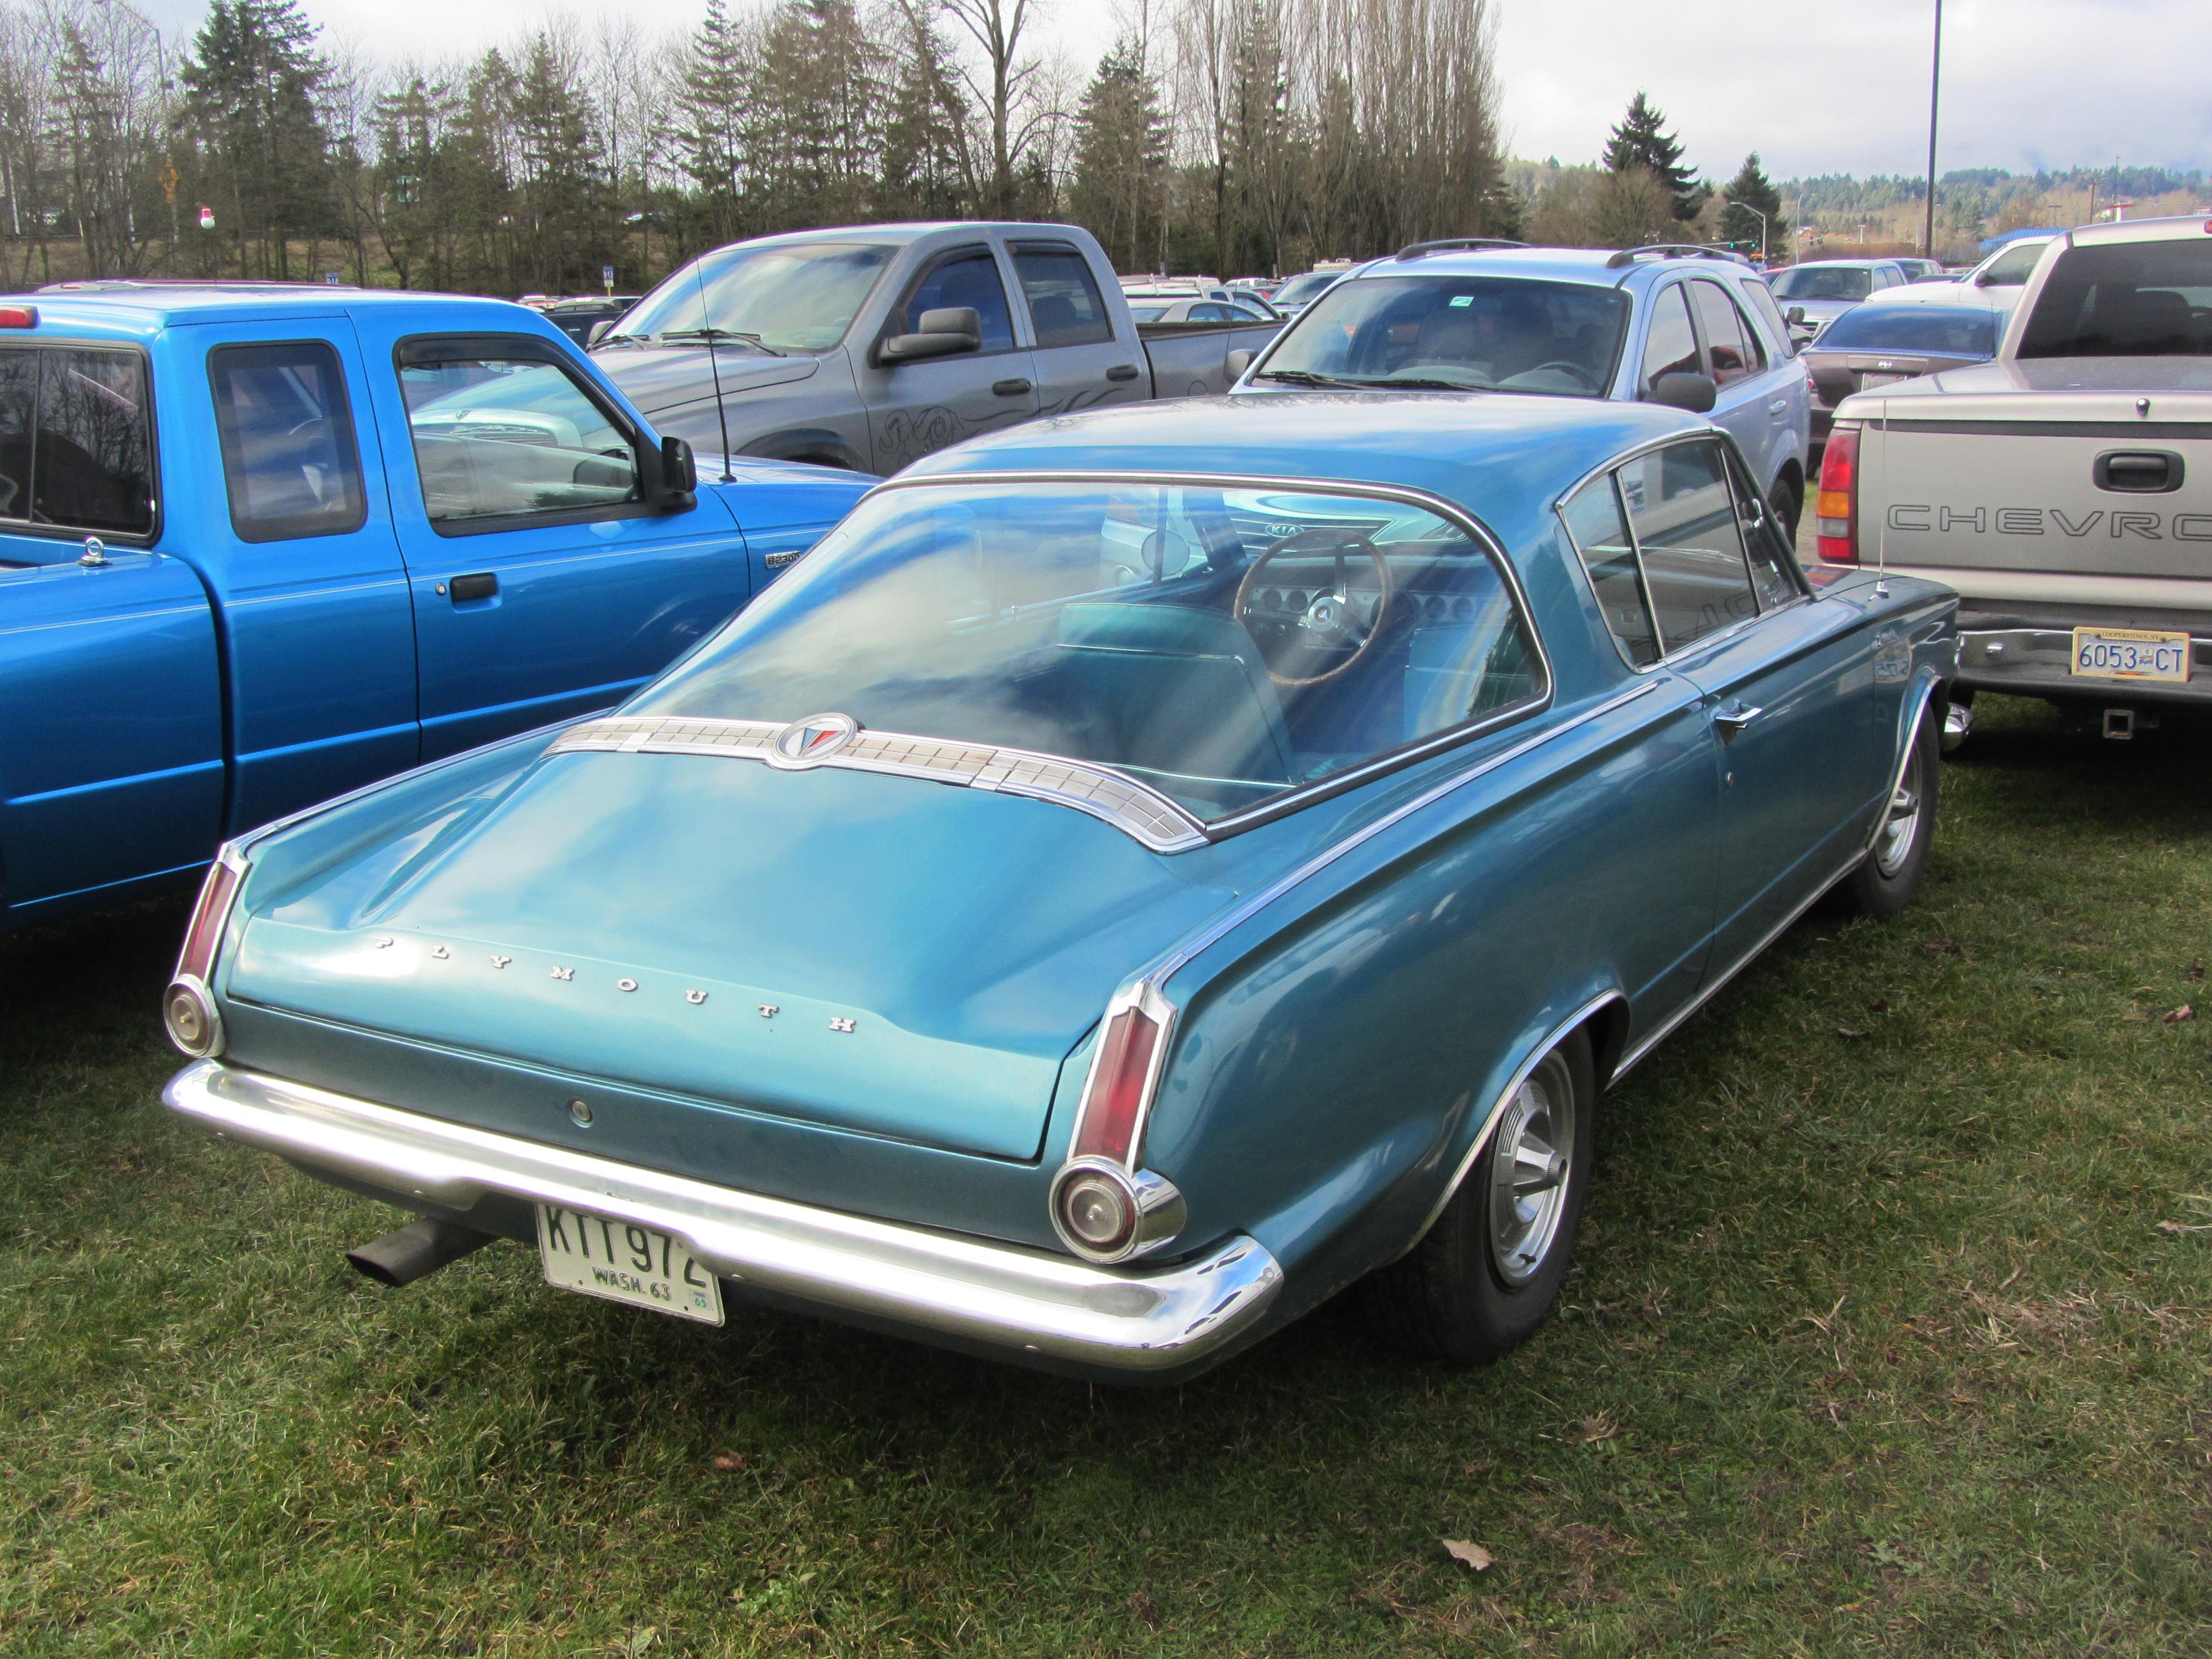 File:1965 Barracuda (8499469126) jpg - Wikimedia Commons